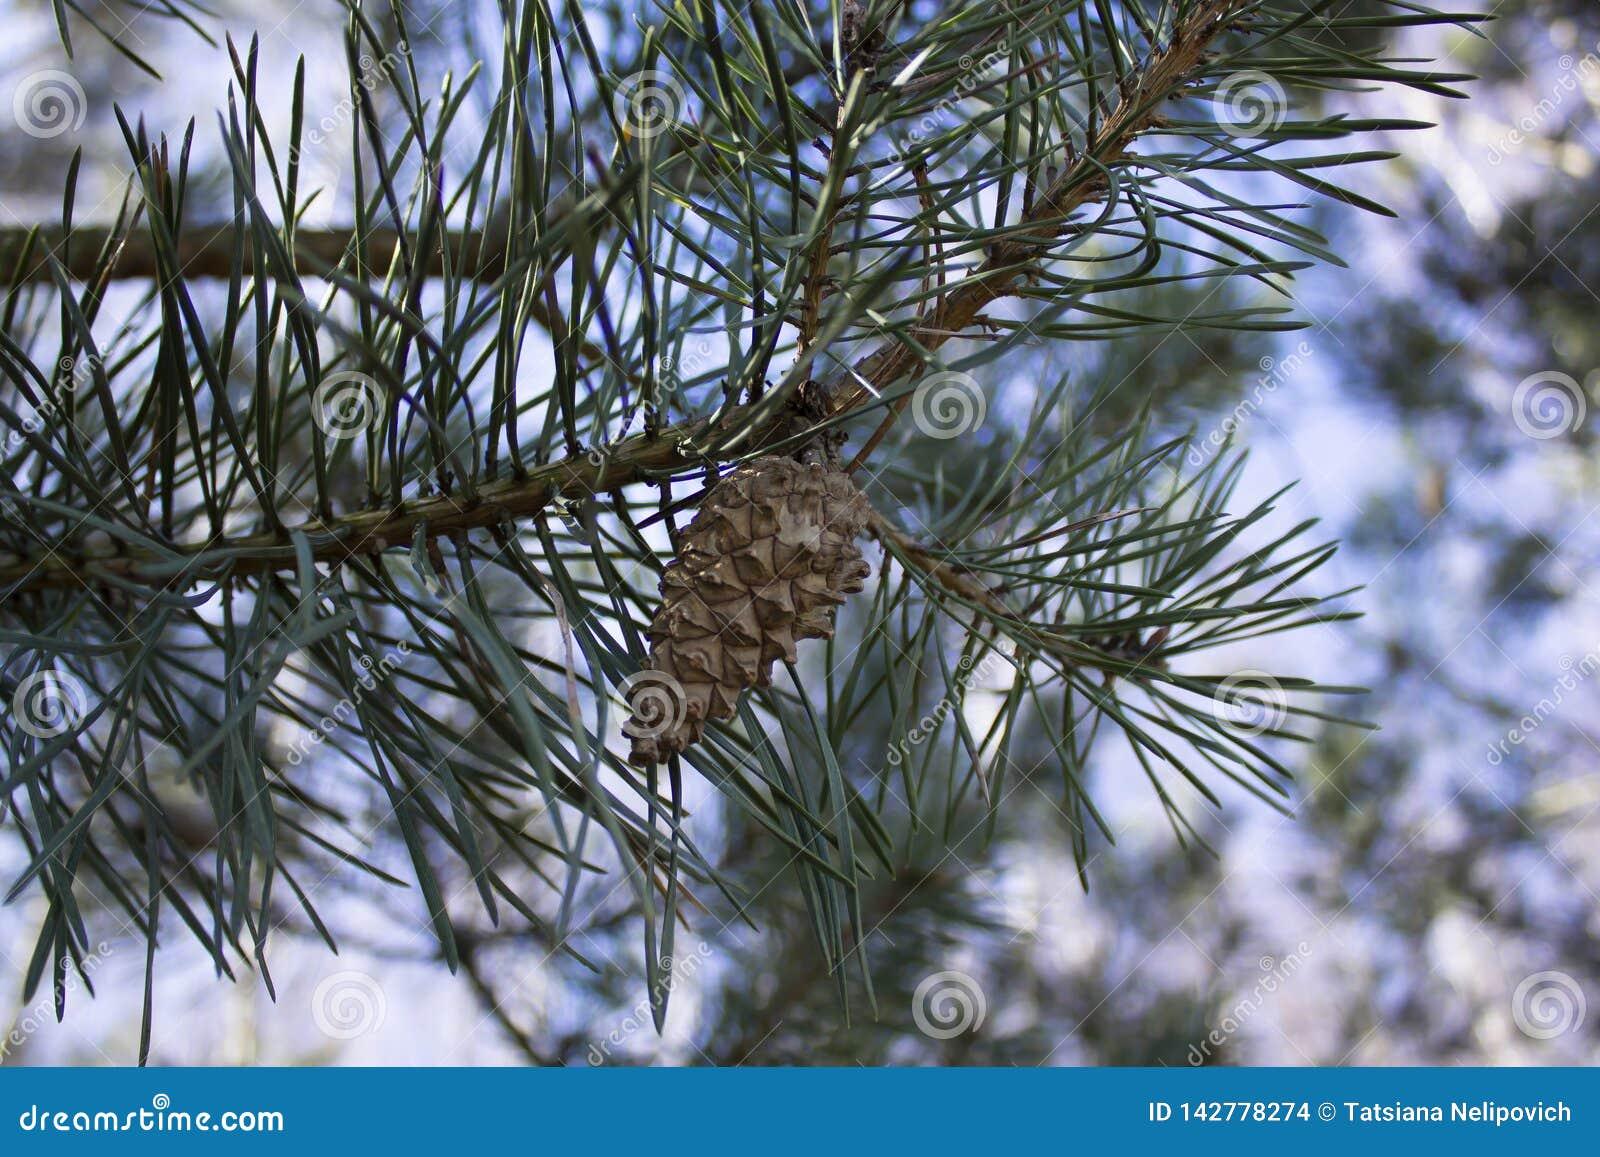 Giovani aghi e un urto su un ramoscello del pino in molla in anticipo